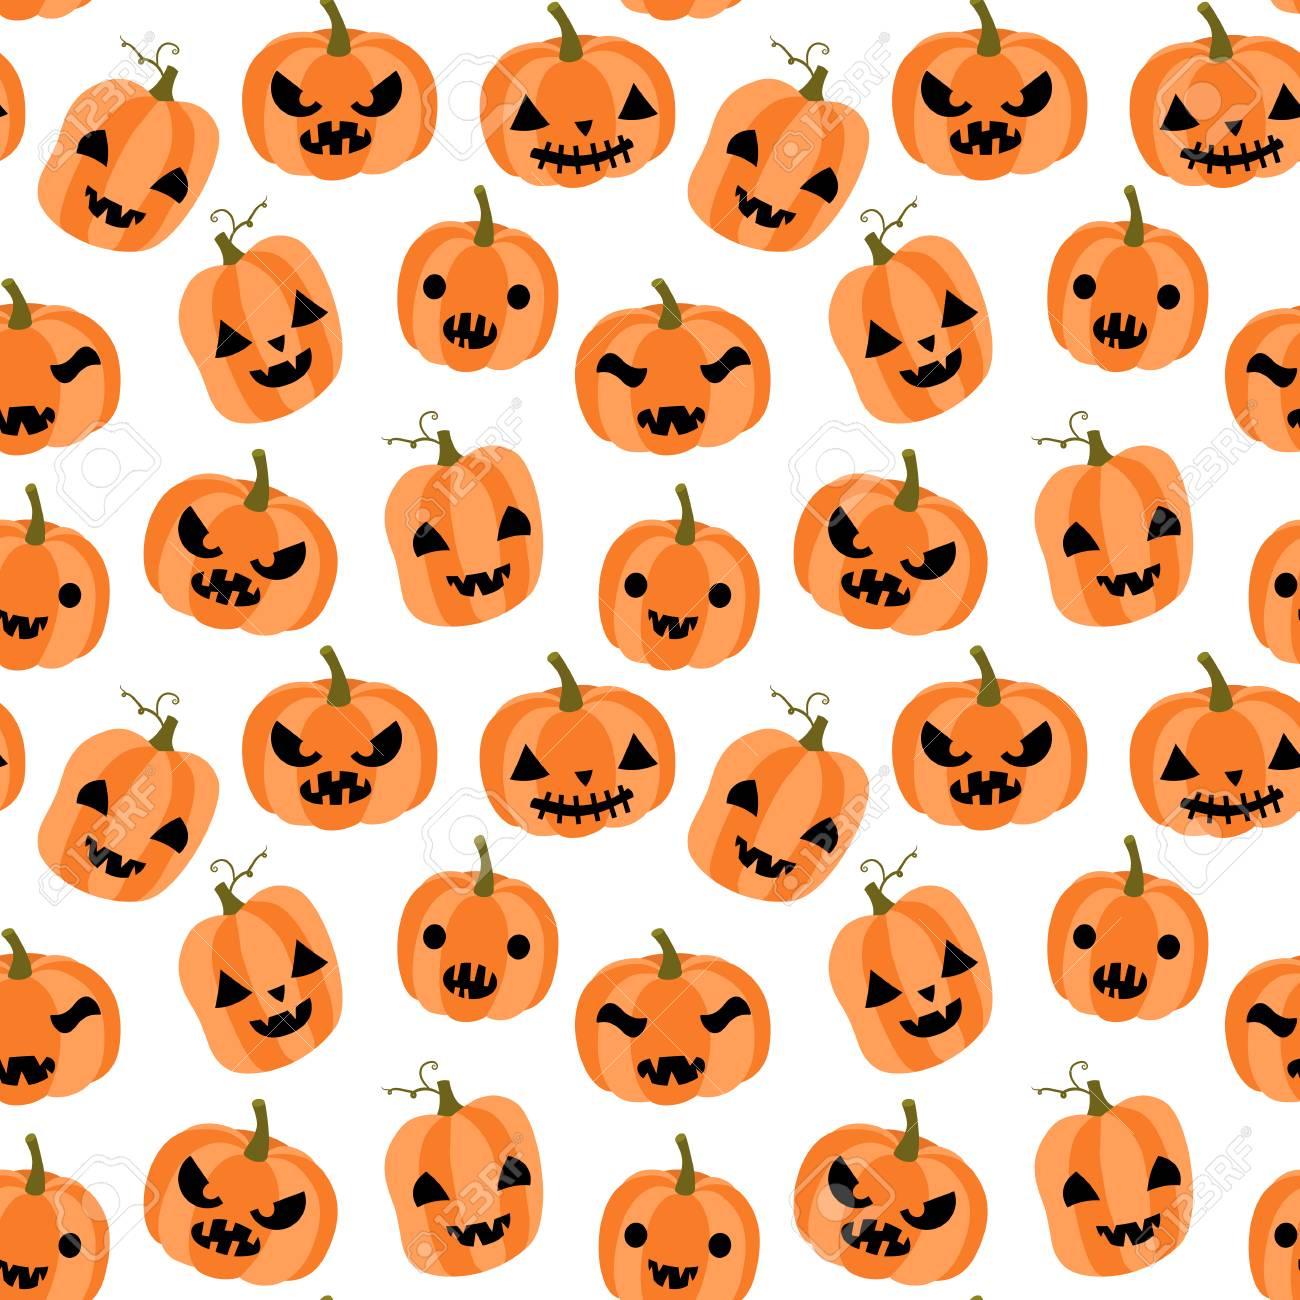 Modèle Sans Couture Mignon Et Drôle De Vecteur Pour Halloween Avec Citrouilles Orange De Dessin Animé Avec Des Visages Avec Différentes Expressions